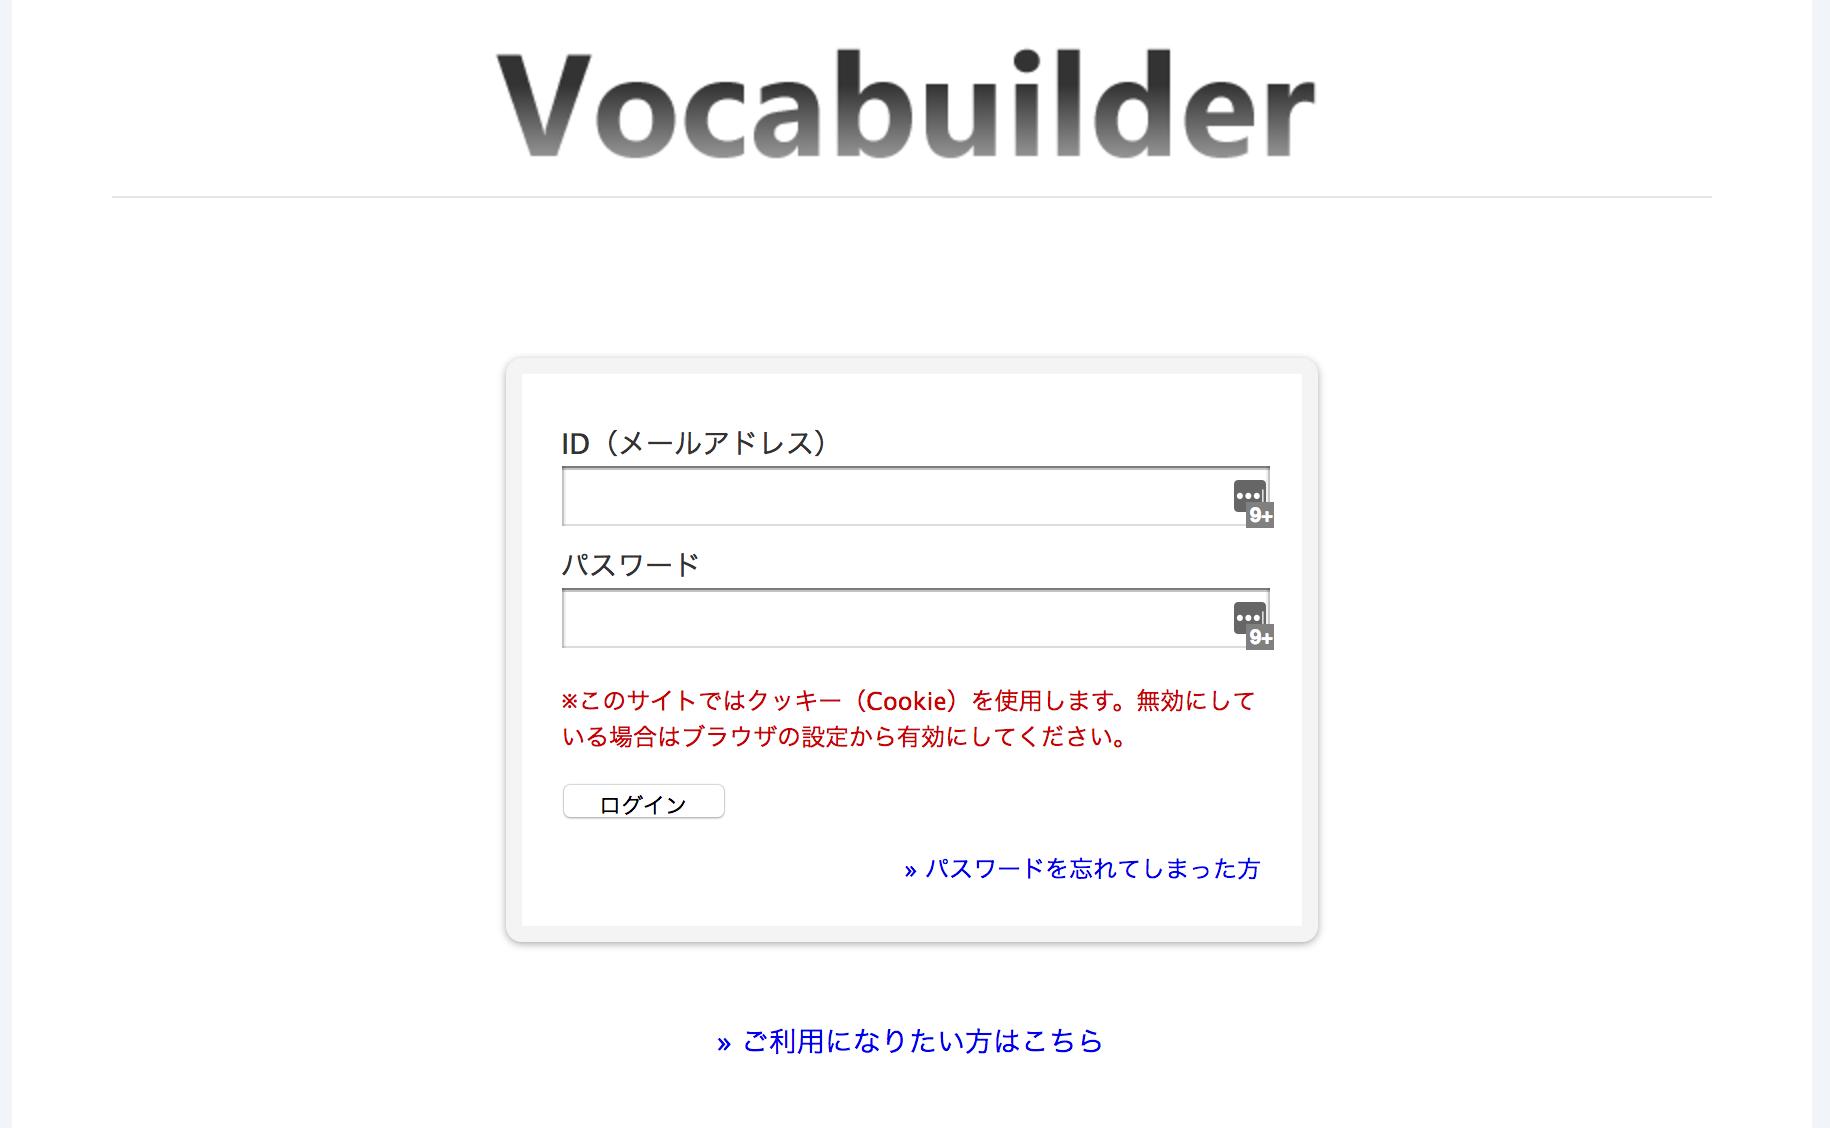 Vocabuilderログイン画面